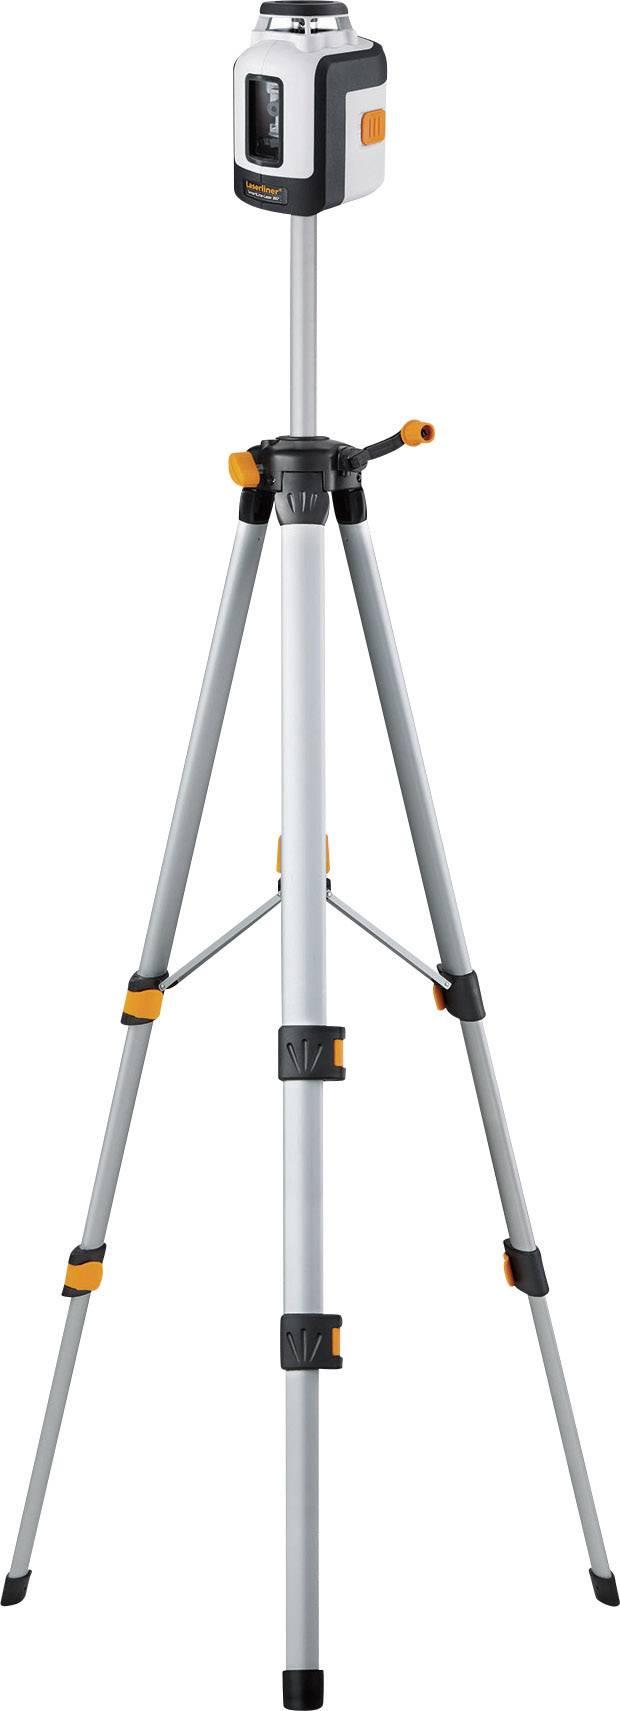 Křížový laser samonivelační, vč. stativu Laserliner SmartLine-Laser 360° Bonus Set, dosah (max.): 20 m, Kalibrováno dle: vlastní